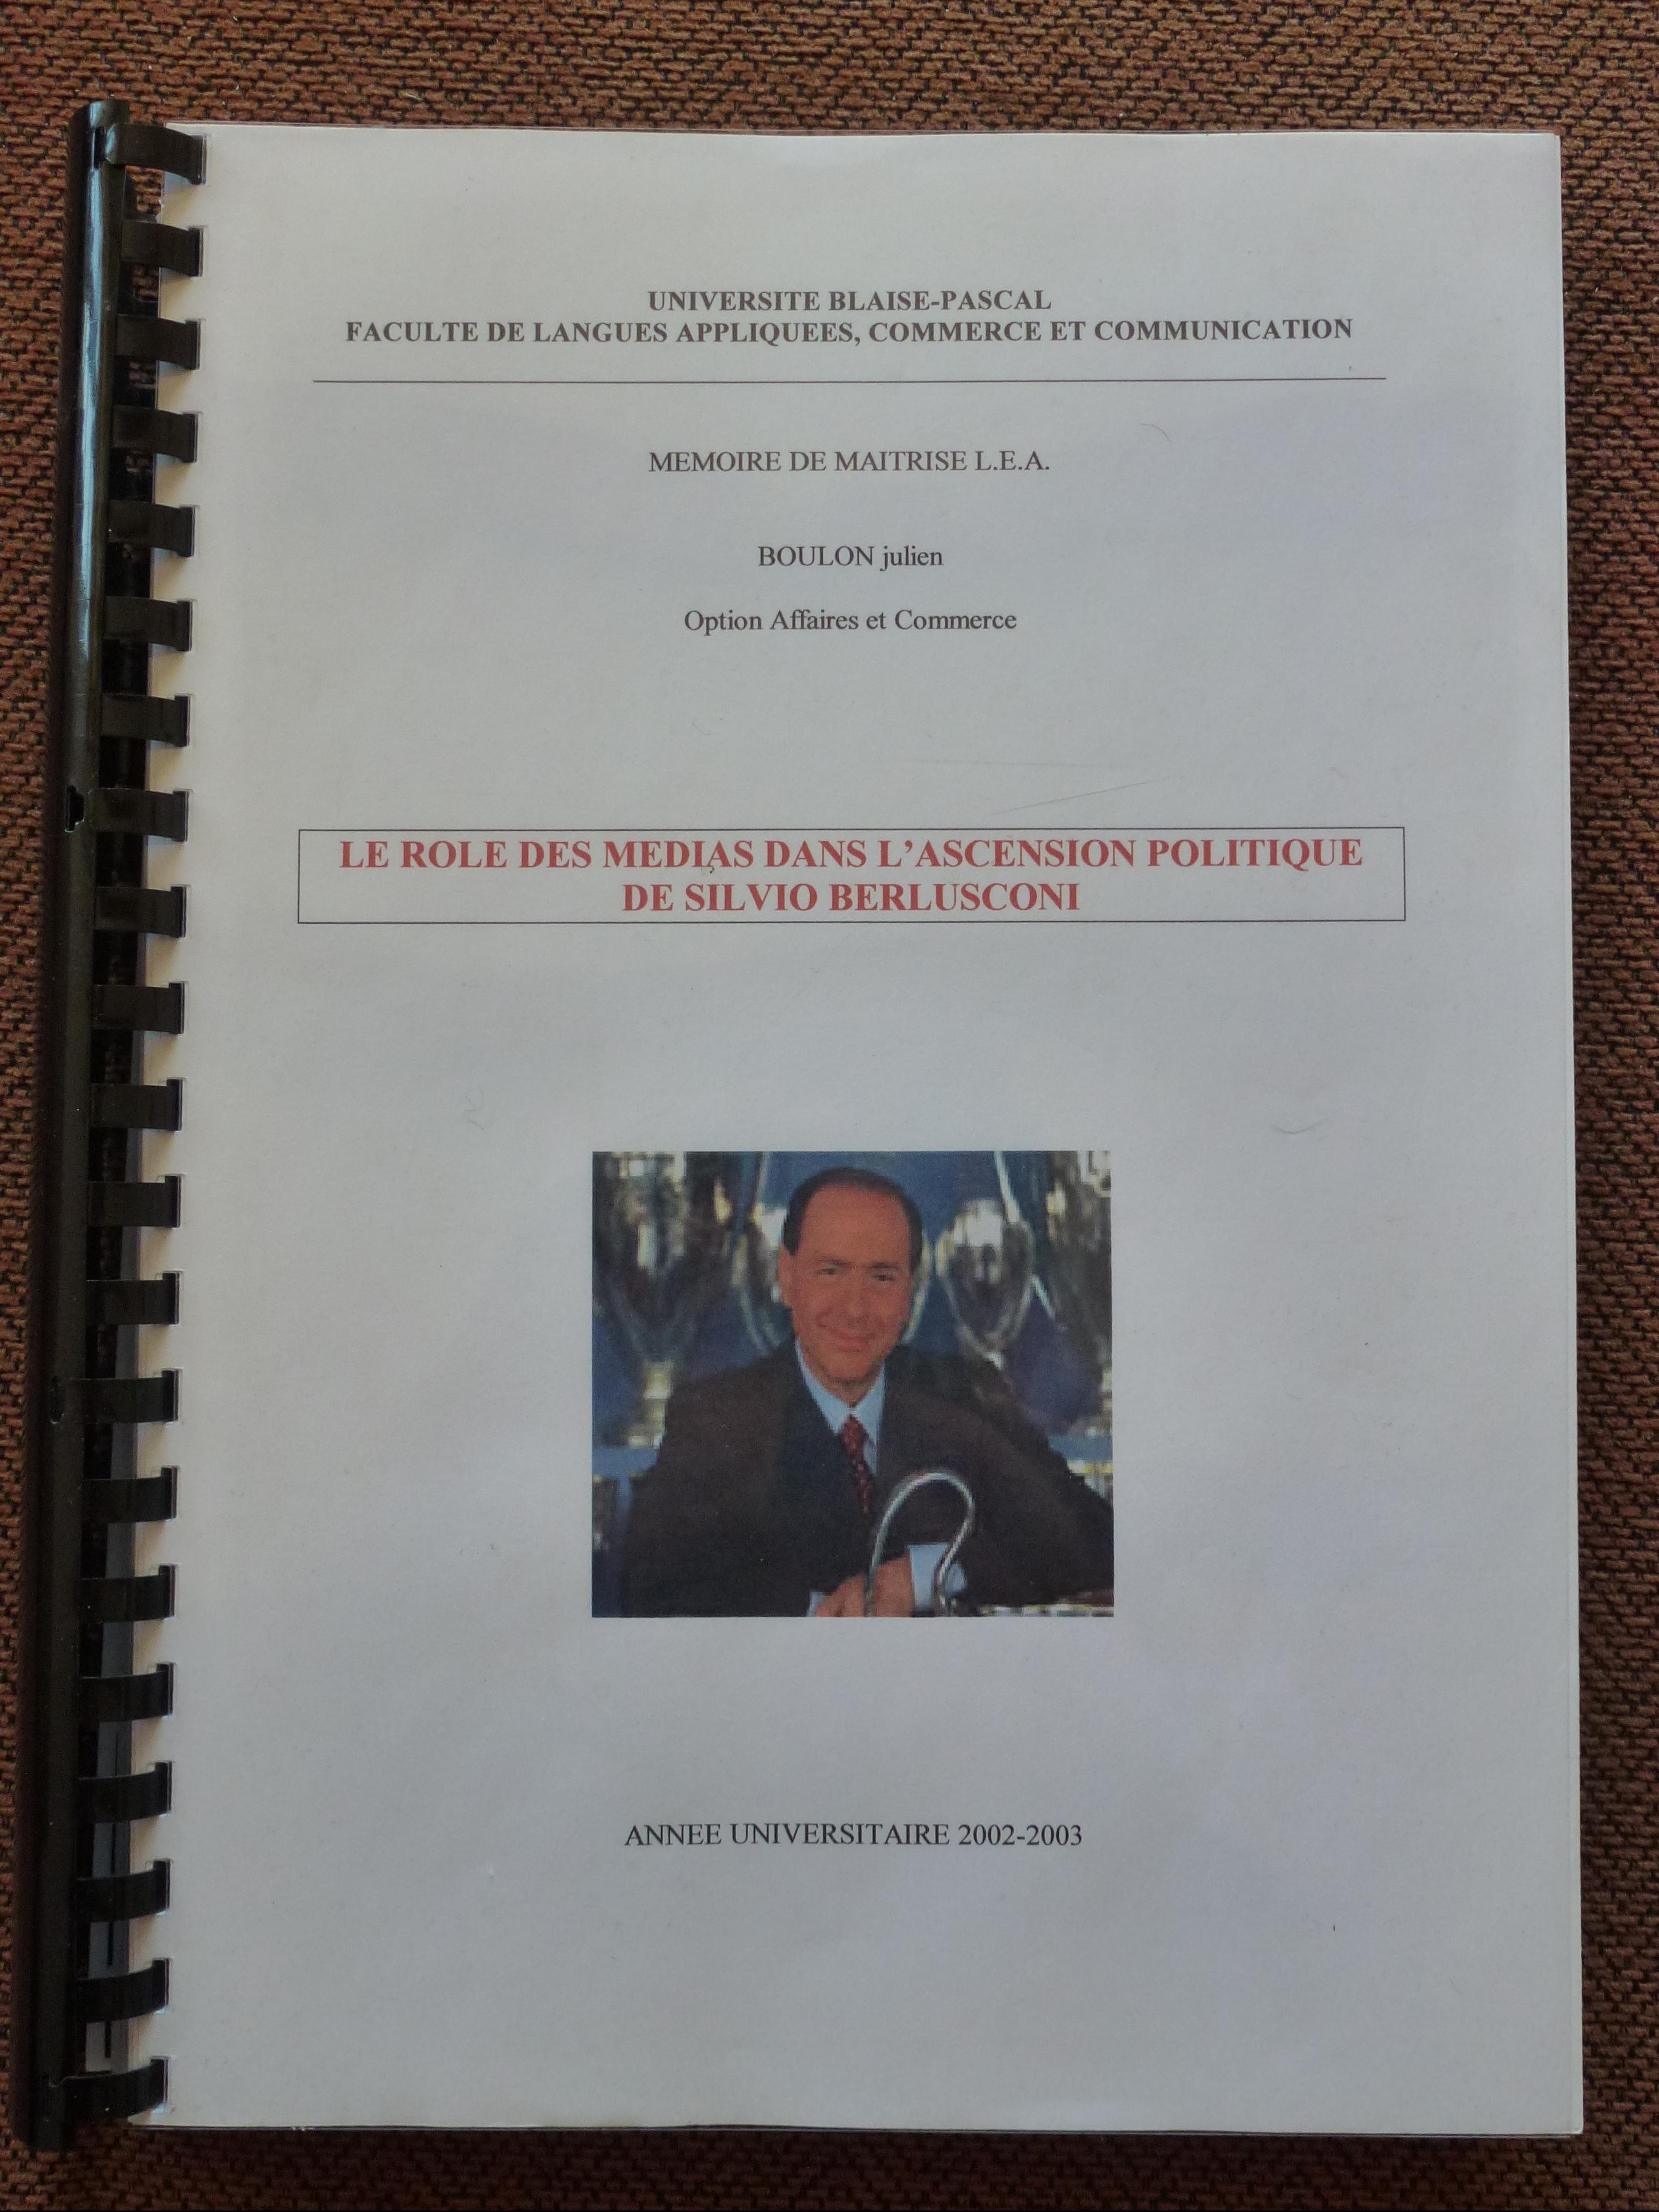 mémoire LEA anglais italien julien boulon traducteur interprète sous-titreur italien français UCA Clermont Auvergne